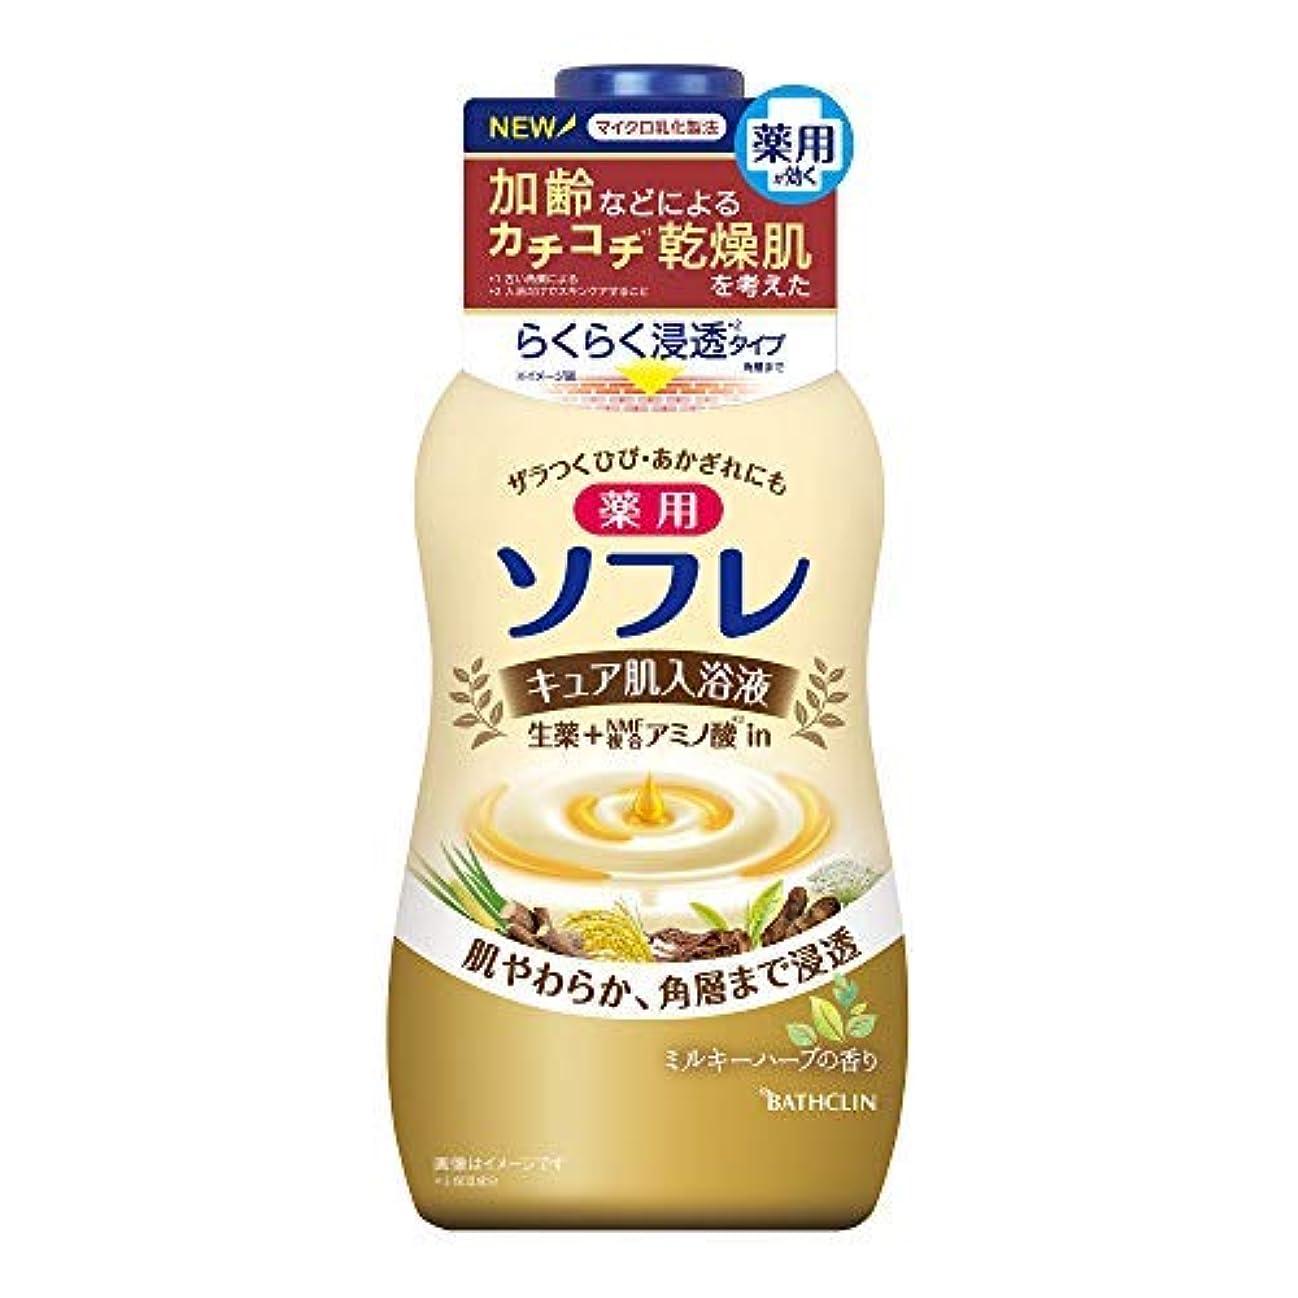 水素褐色思慮深い薬用ソフレ キュア肌入浴液 ミルキーハーブの香り 480ml × 3個セット